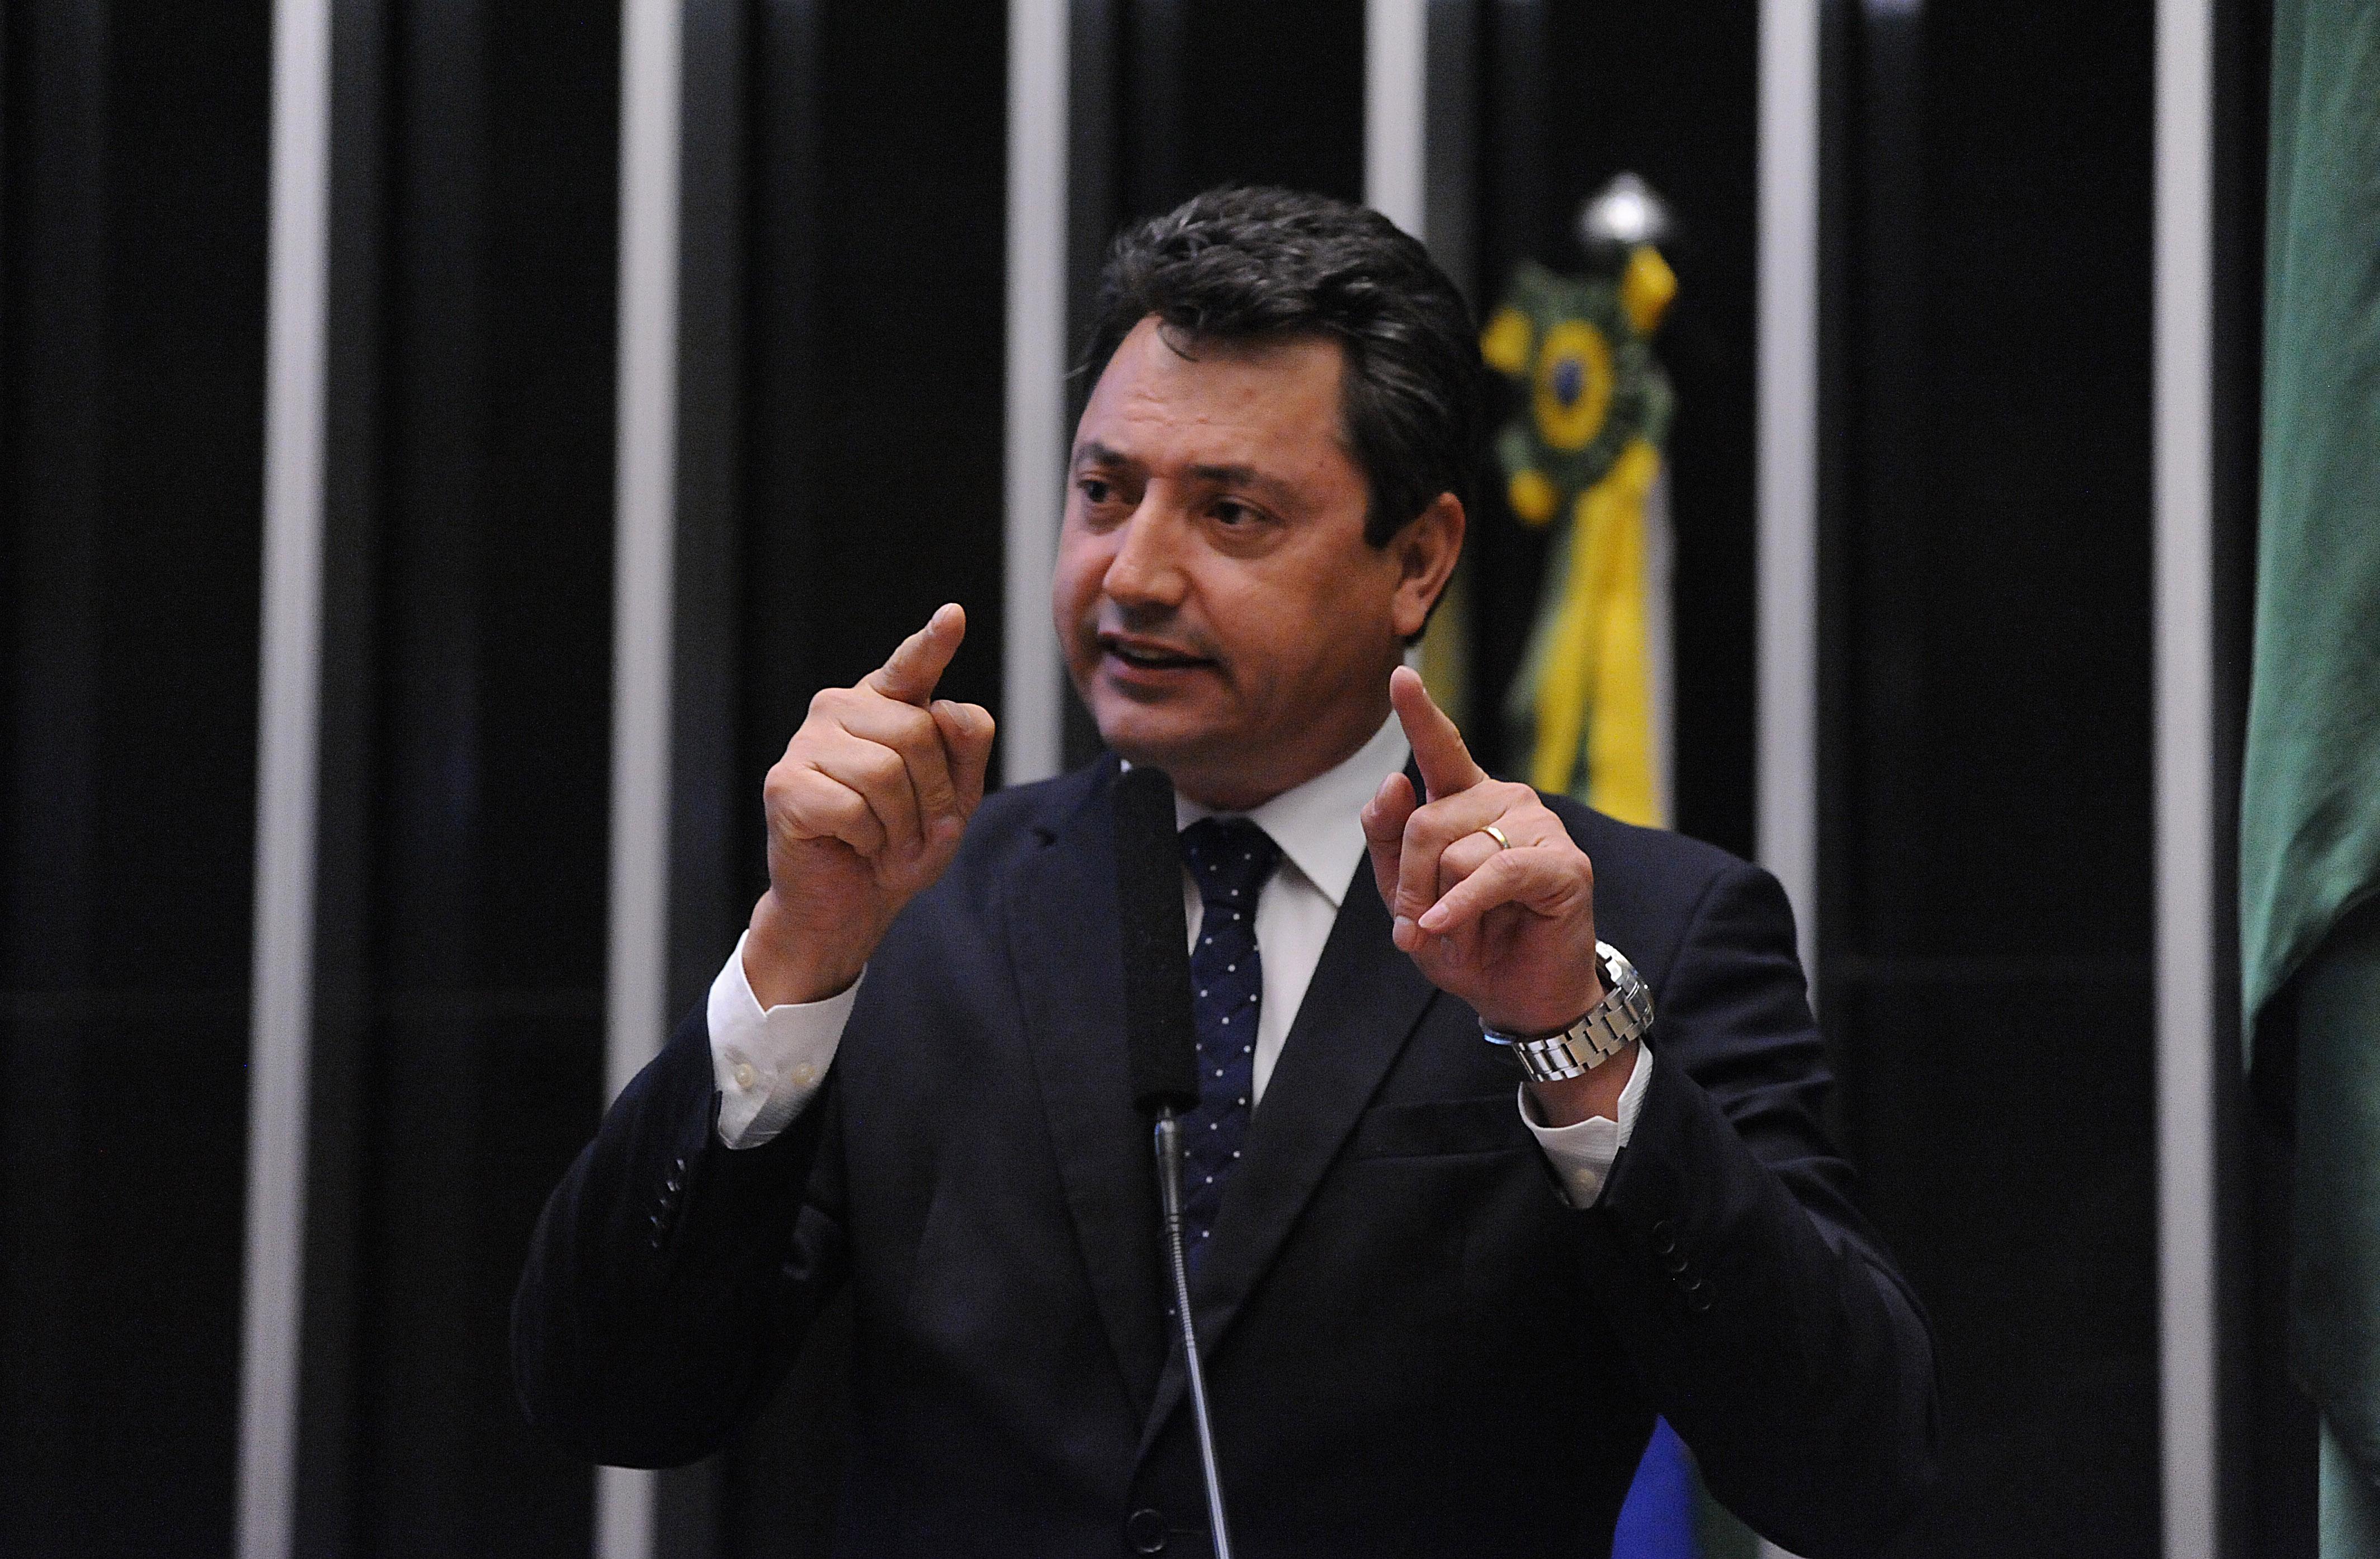 Ordem do dia para análise, discussão e votação de diversos projetos. Dep. Sergio Souza (PMDB-PR)